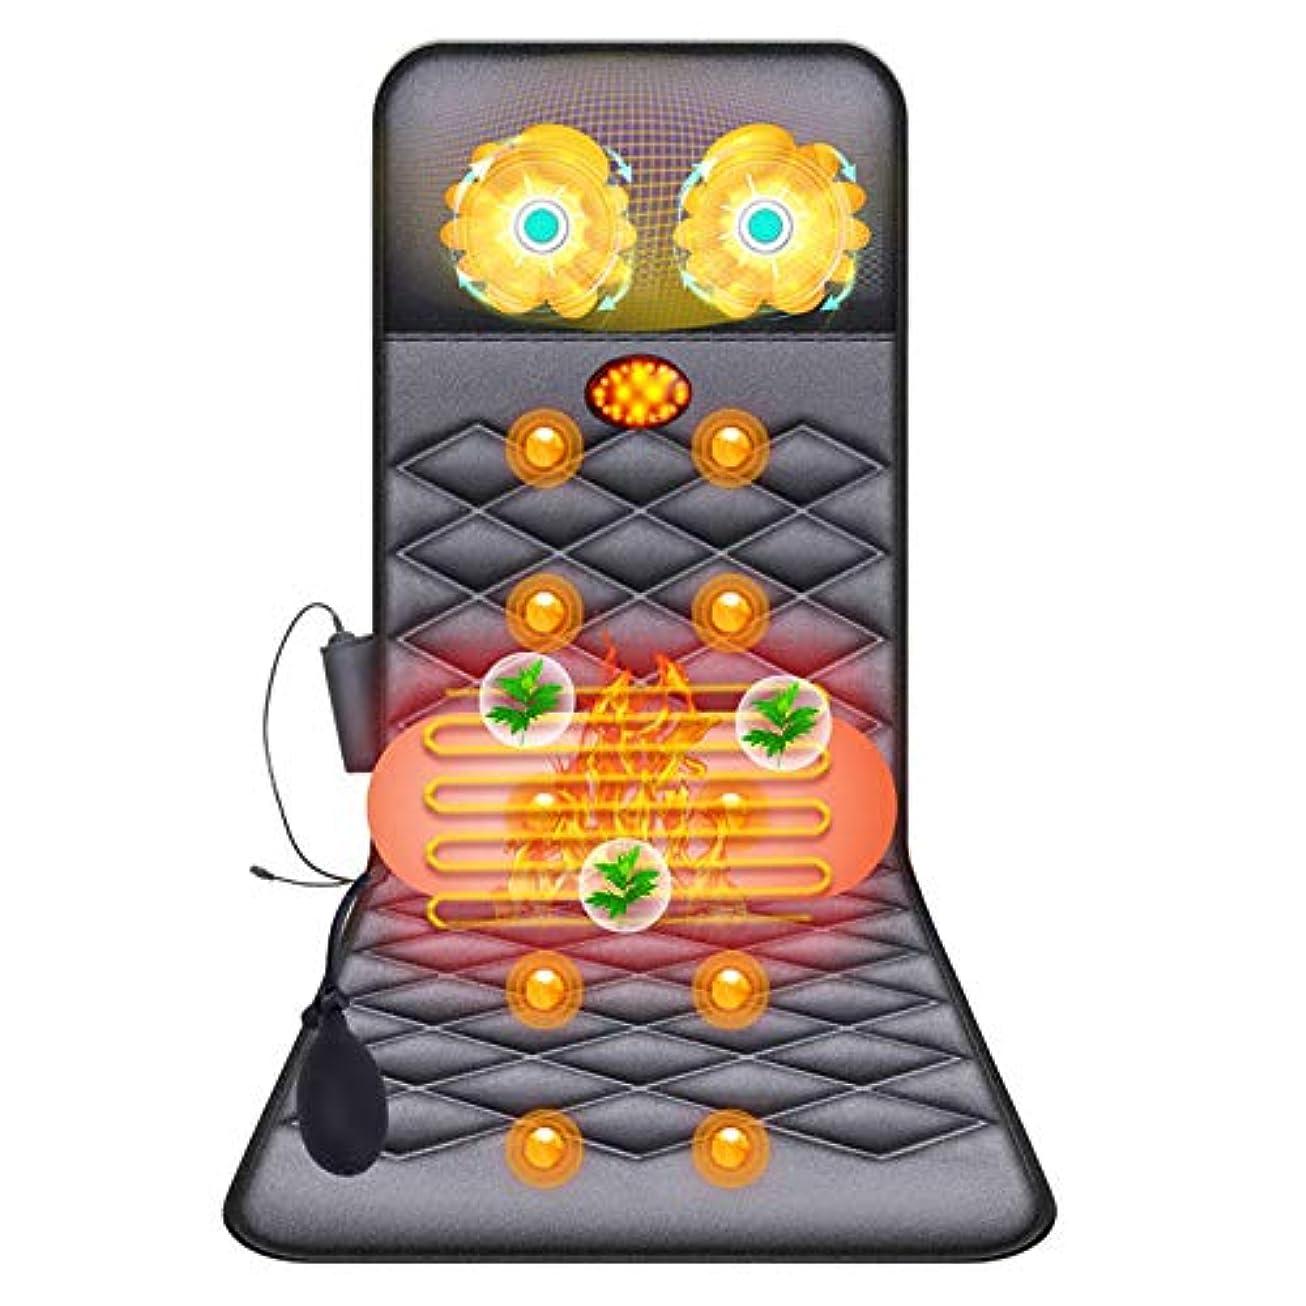 アンプ魔術バラバラにする電気バックマッサージマットレス赤外線暖房ネックマッサージマットレスエアバッグバックウエストヒップ多機能フルボディ温水マッサージマットレスマット